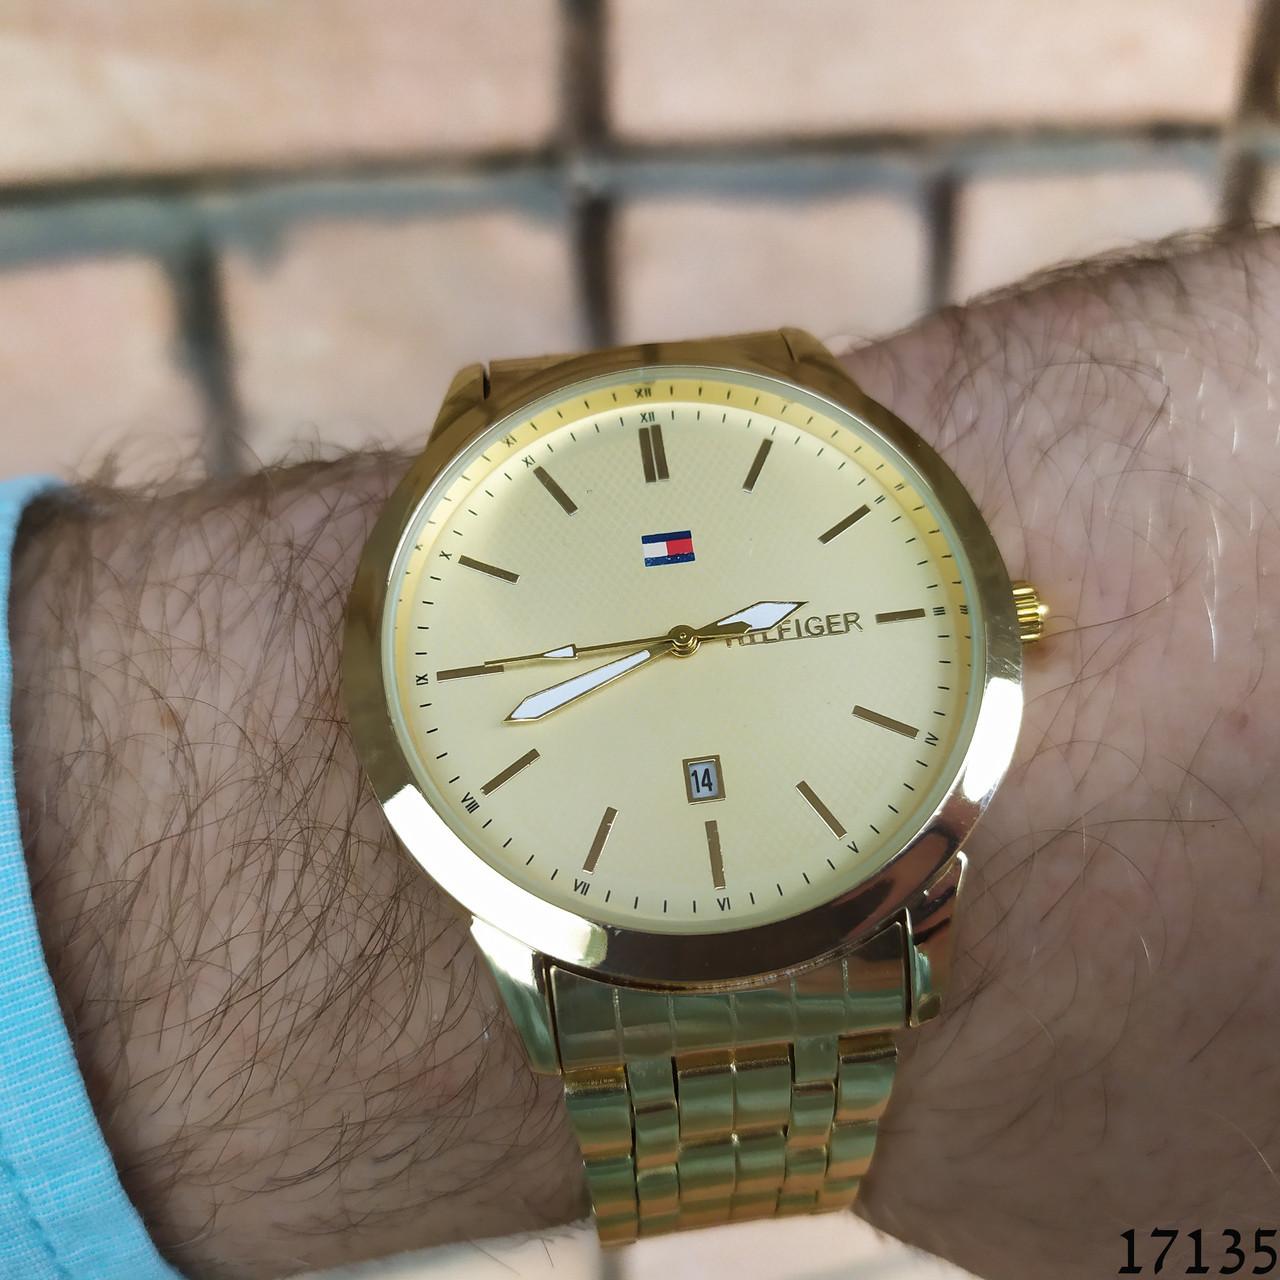 Мужские наручные часы золотые в стиле Tommy Hilfiger. Годинник чоловічий